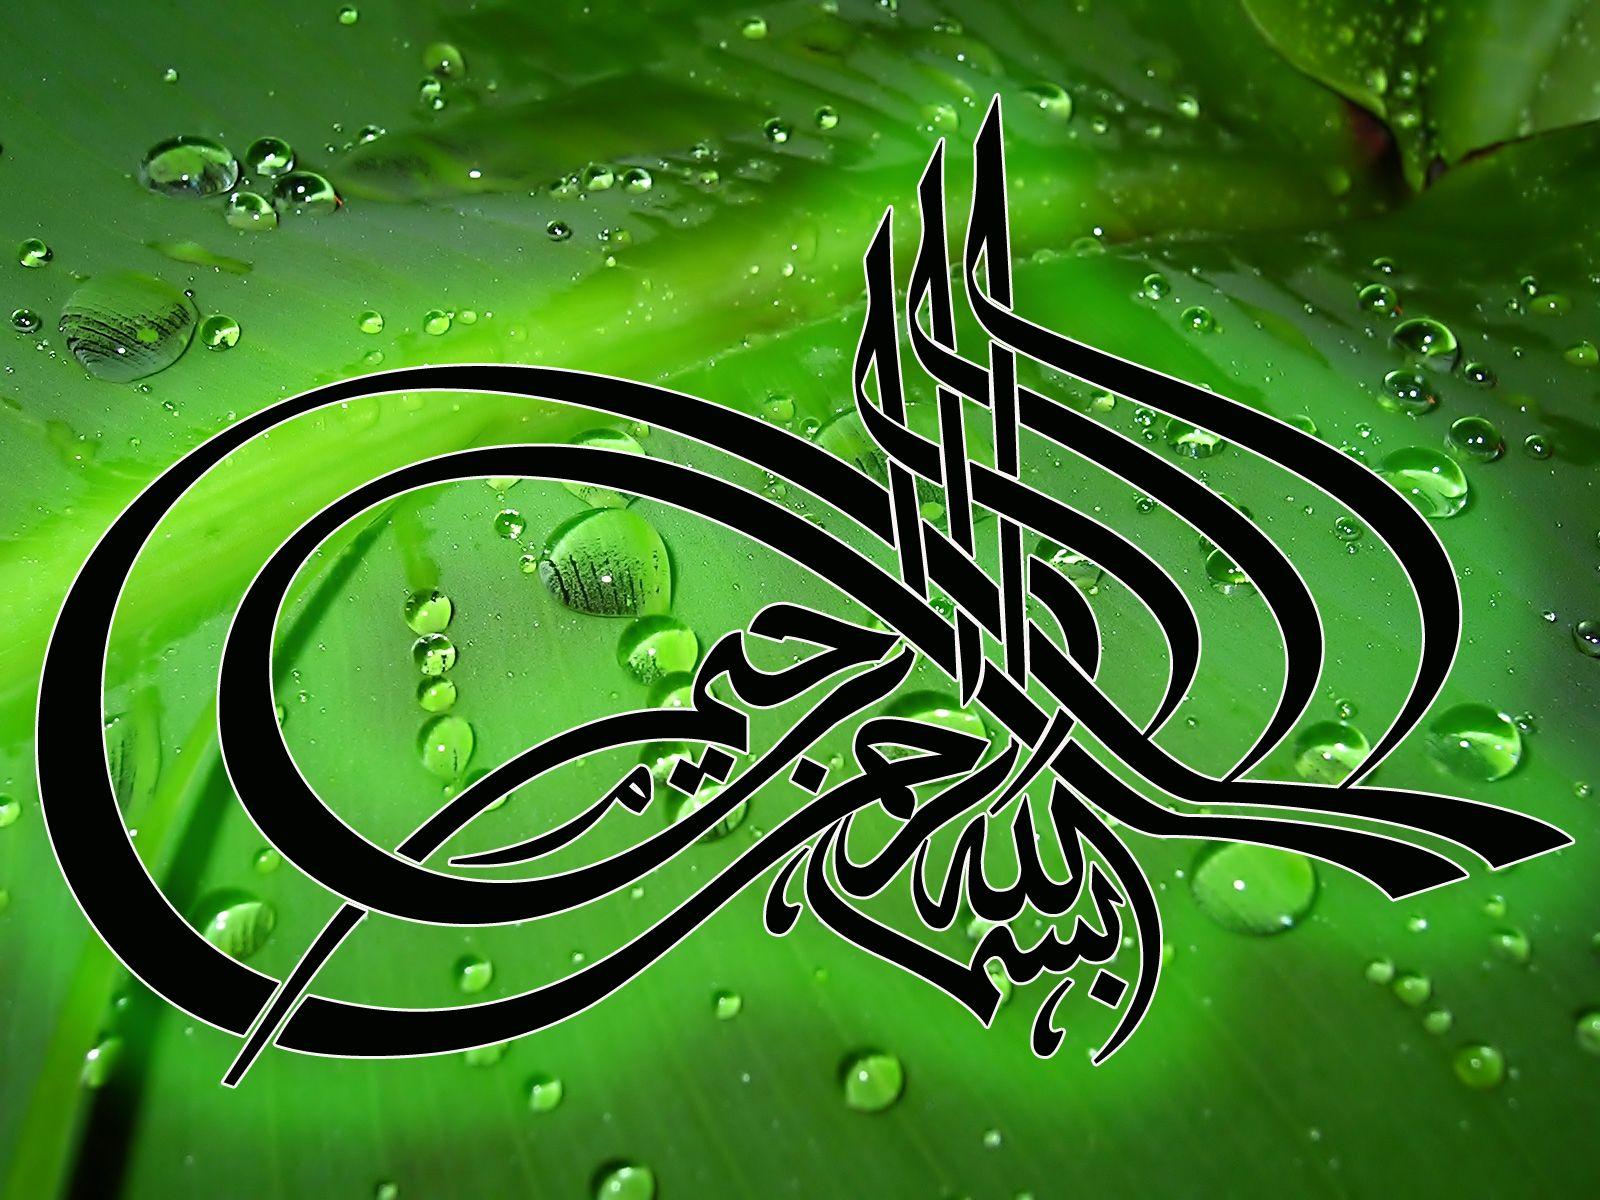 Bismillah Wallpapers: Download Free Bismillah Wallpaper HD